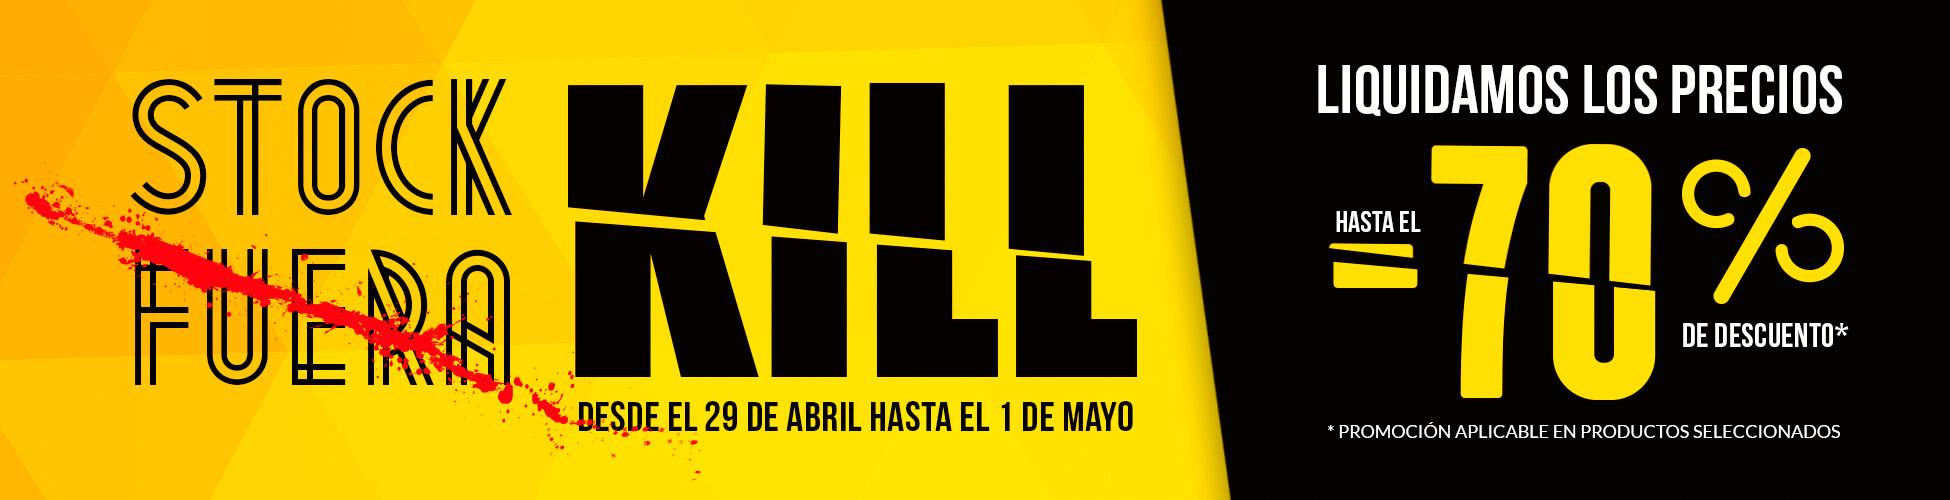 Stock fuera Kill